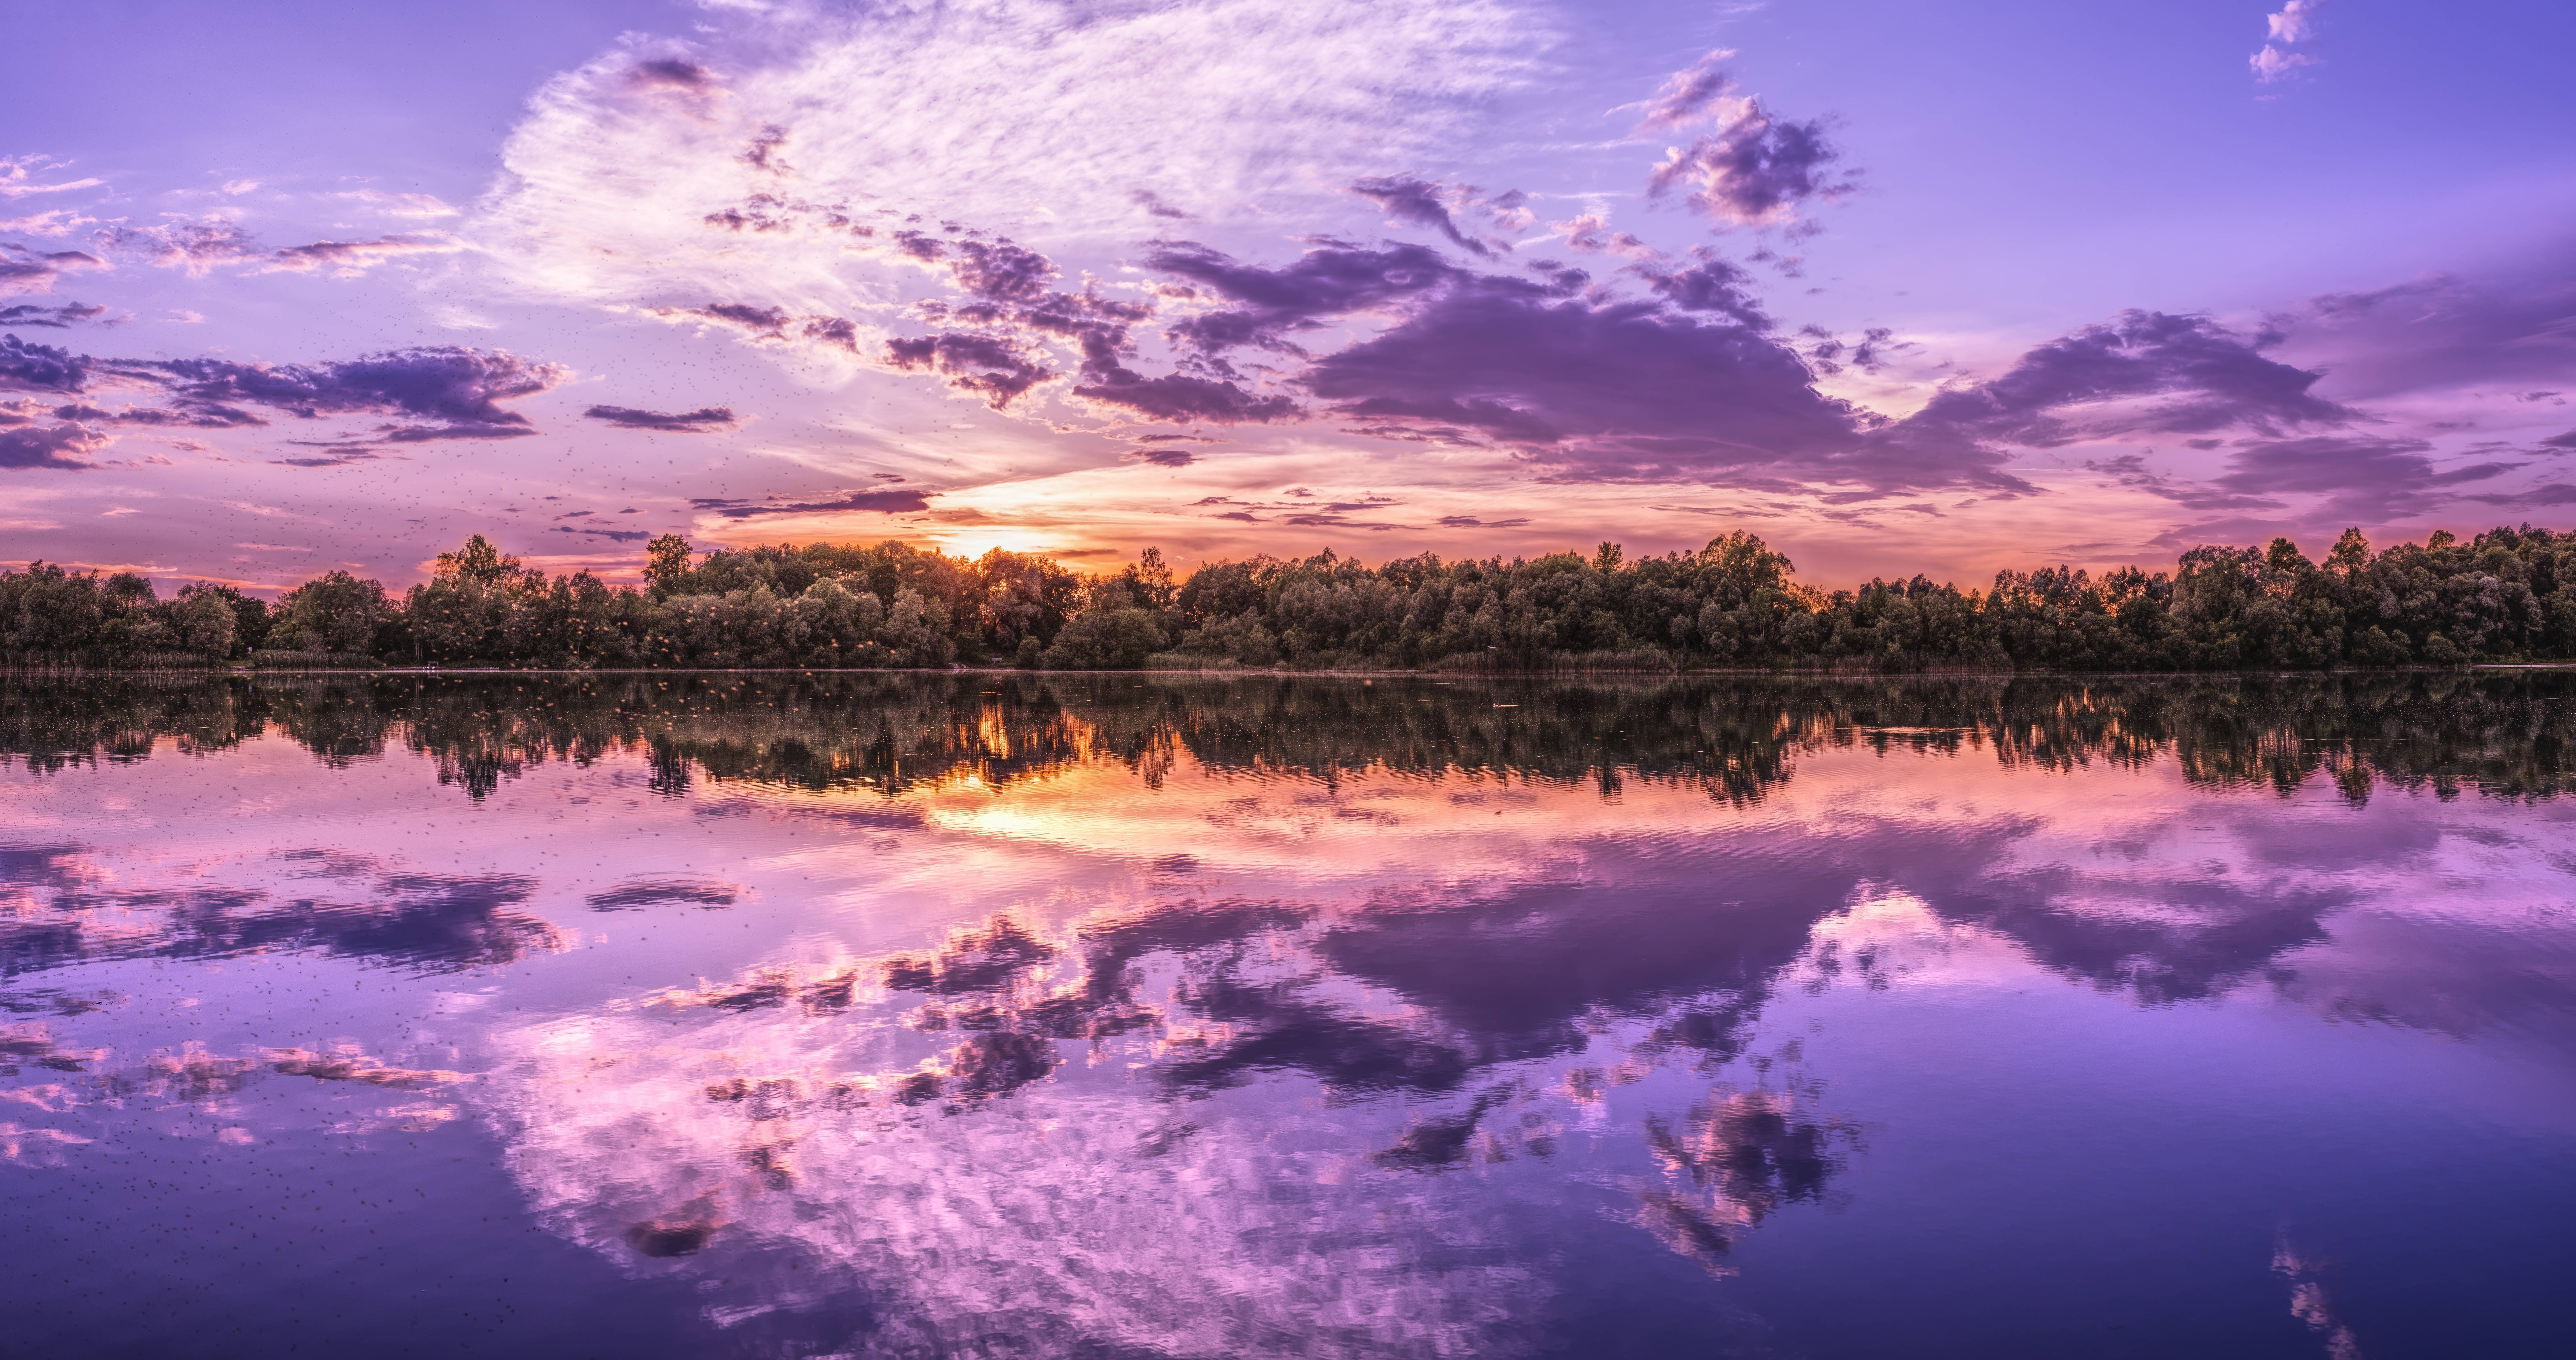 Panorama Background Lake Image Sunset 8k Wallpaper Hdwallpaper Desktop Purple Sky Lake Sunset Sunset Wallpaper Wallpaper sunset lake ice evening sky